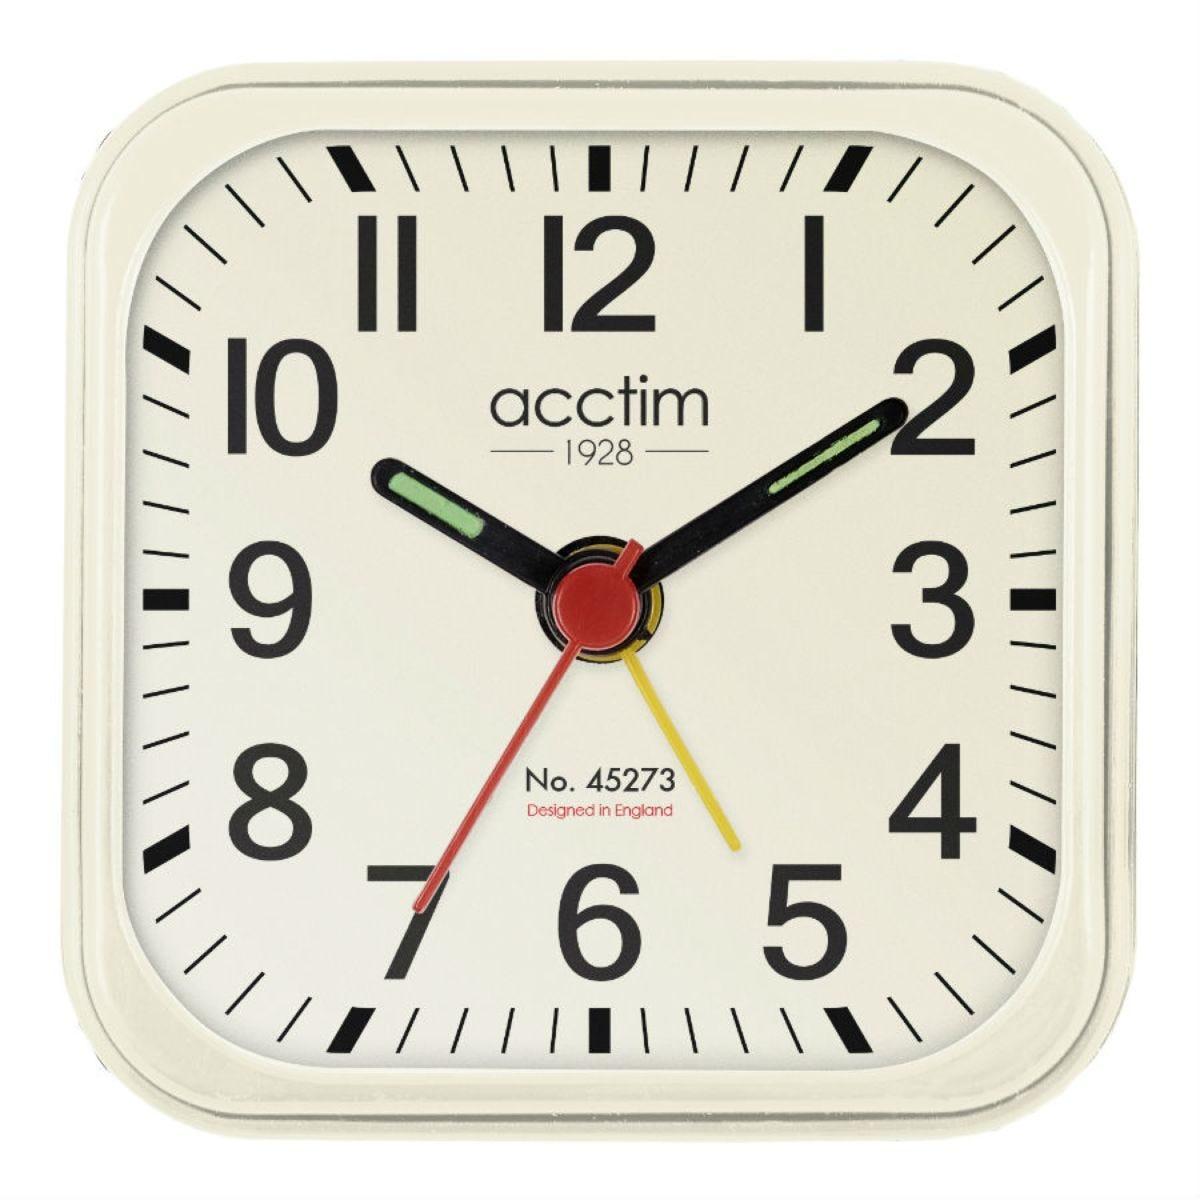 Acctim Maldon Mini Alarm Clock - Cream